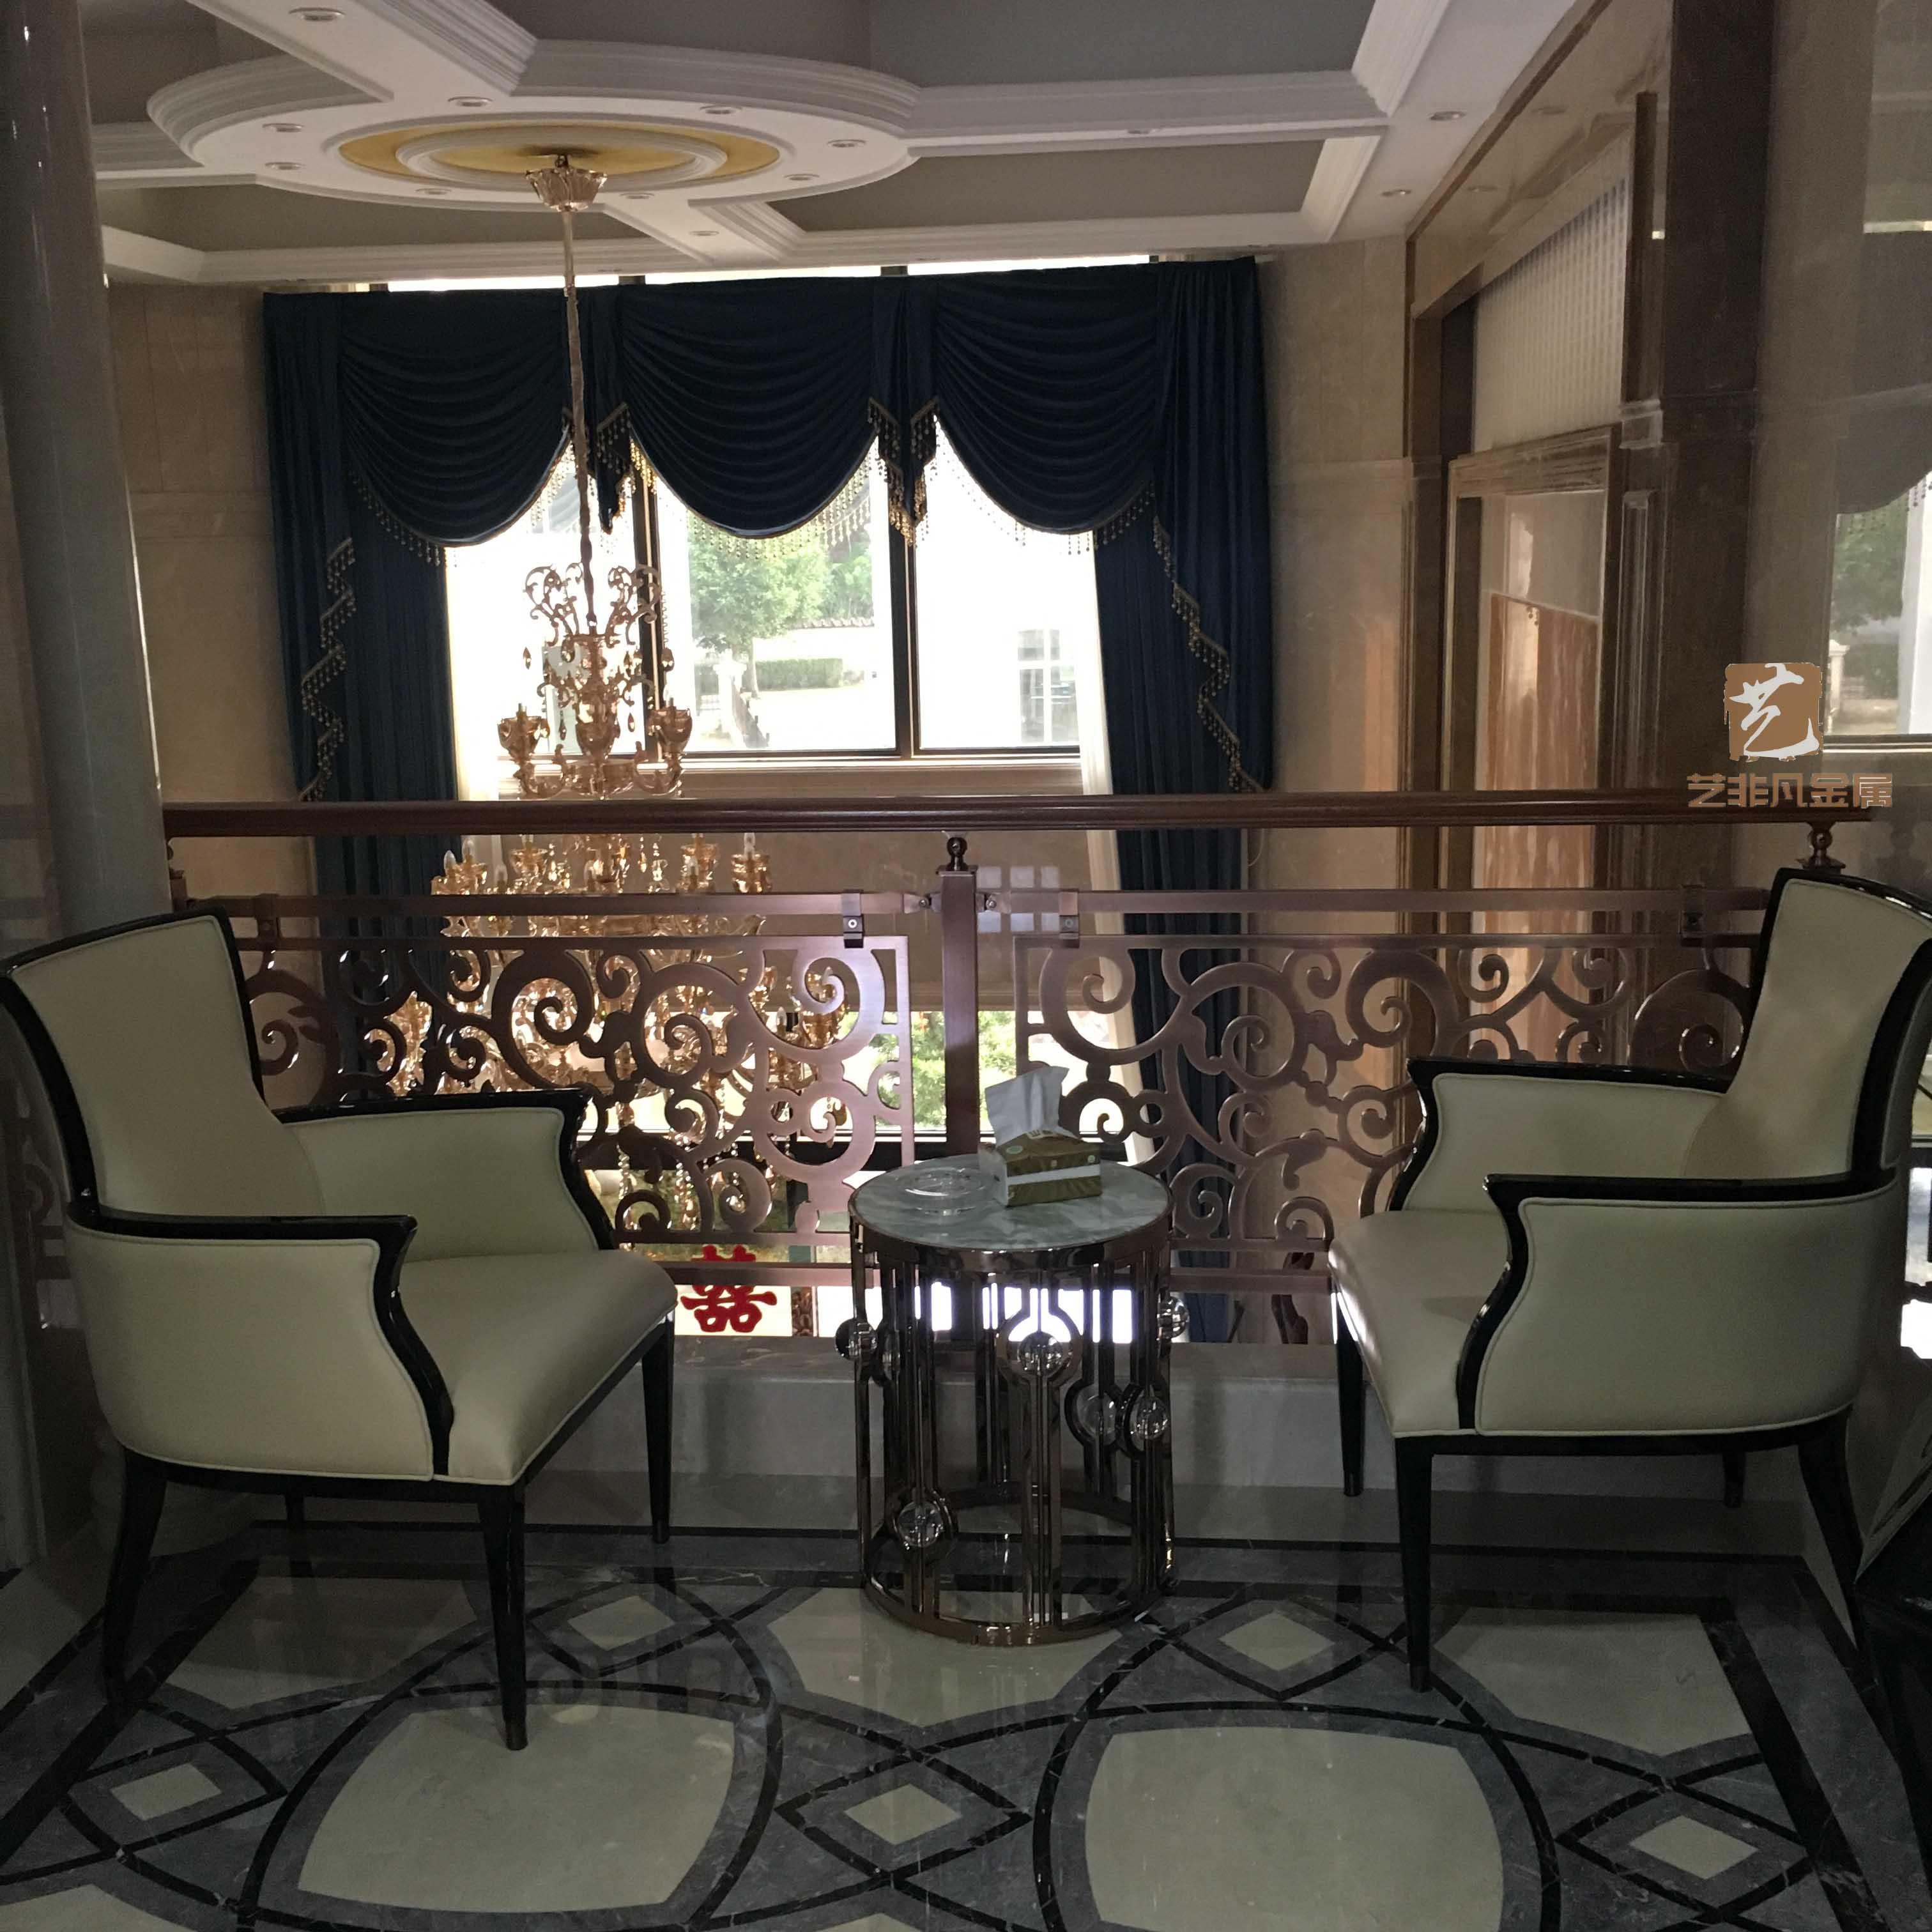 安徽滁州銅藝別墅樓梯扶手裝飾彰顯出***格調